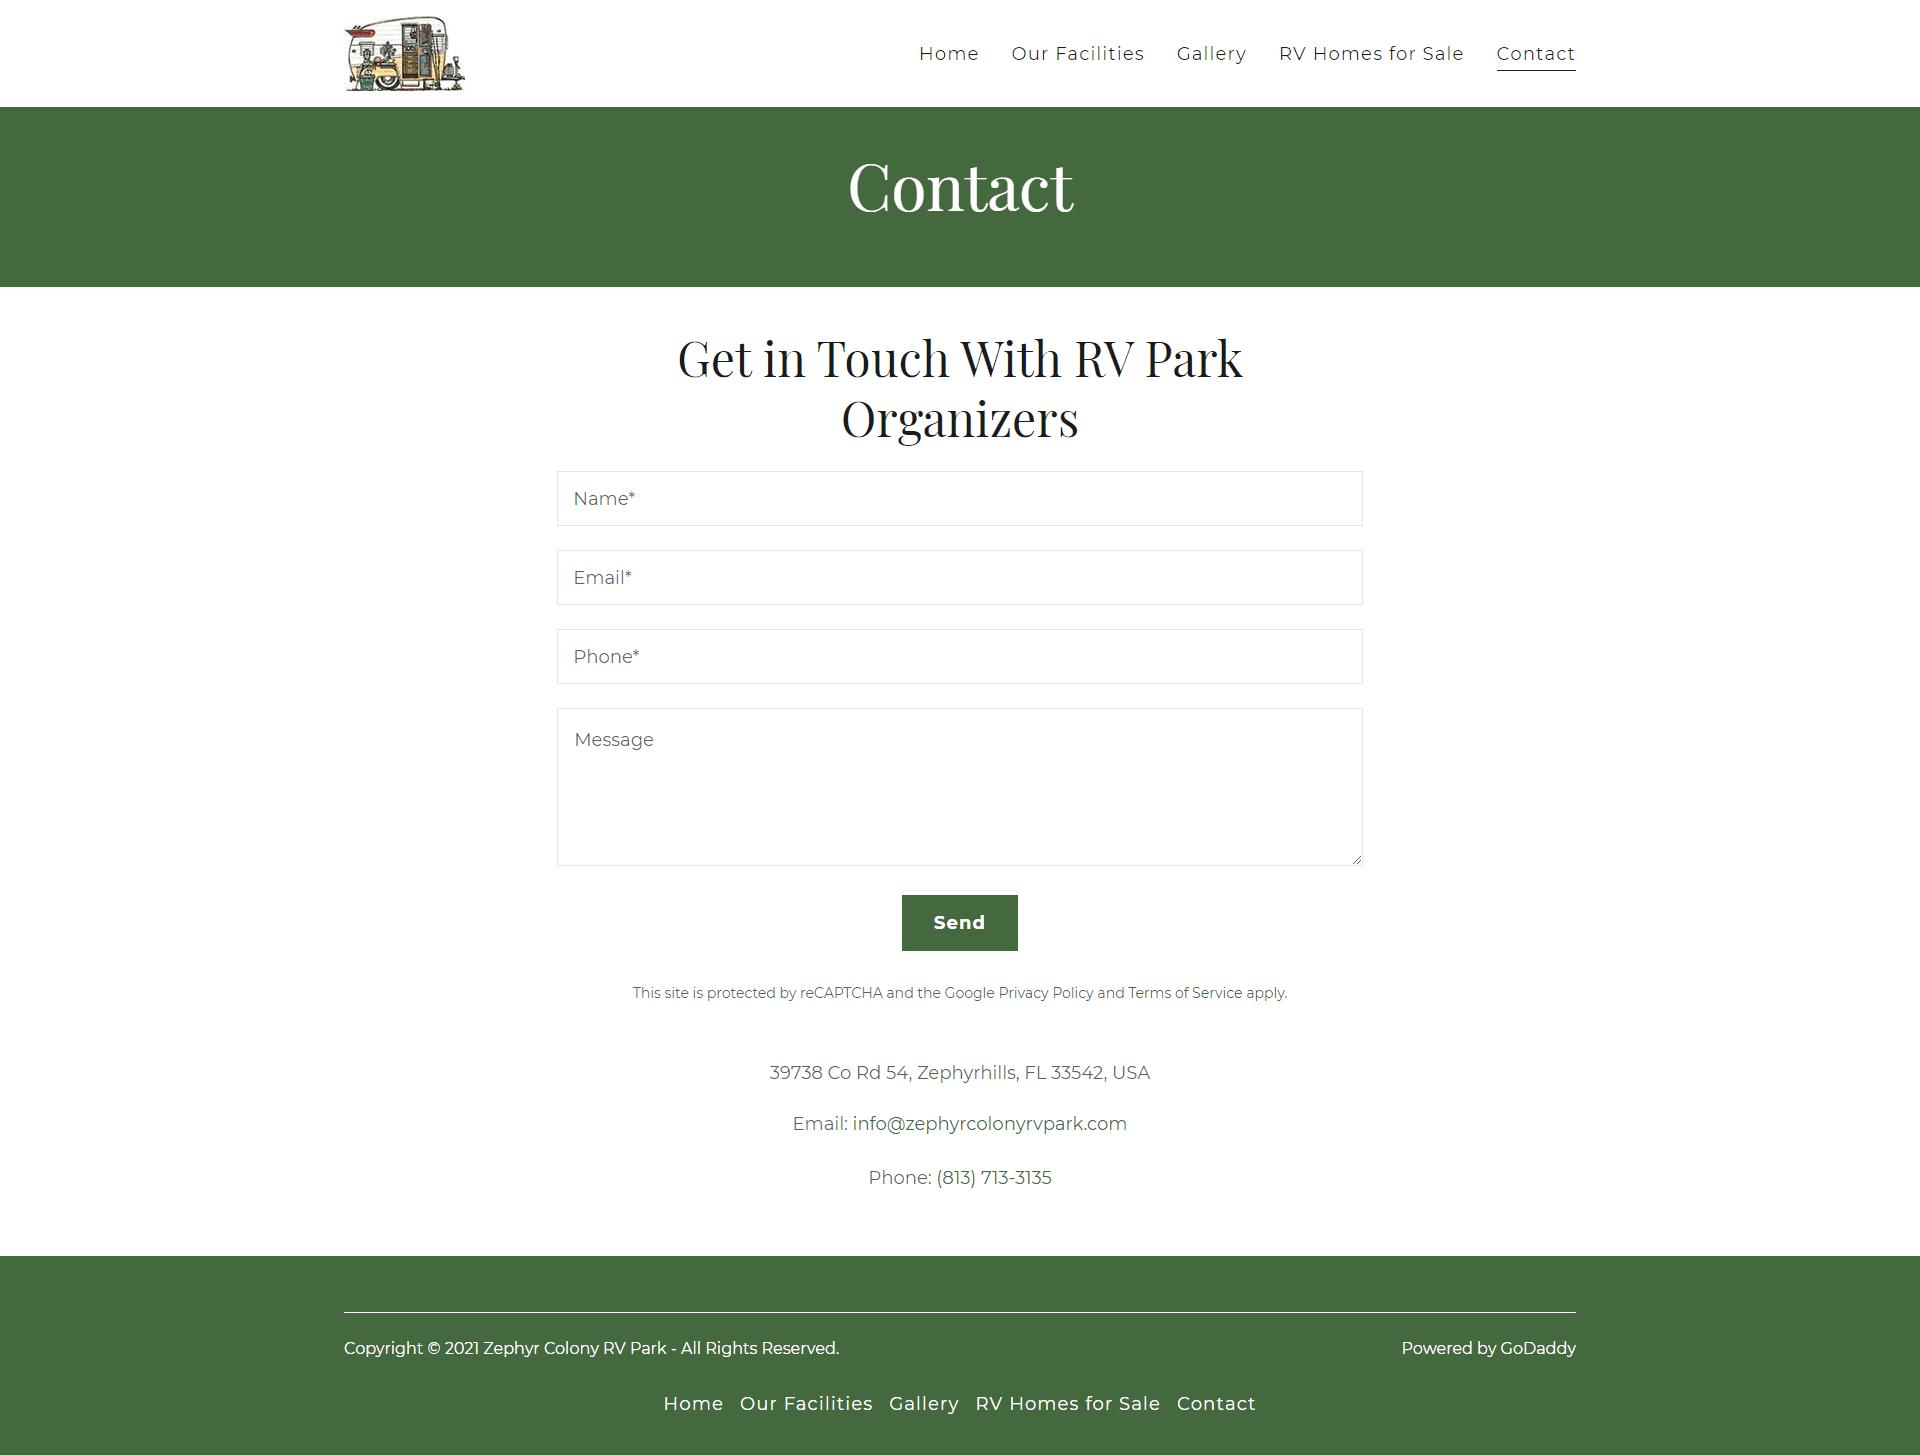 Zephyr Colony RV Park Contact